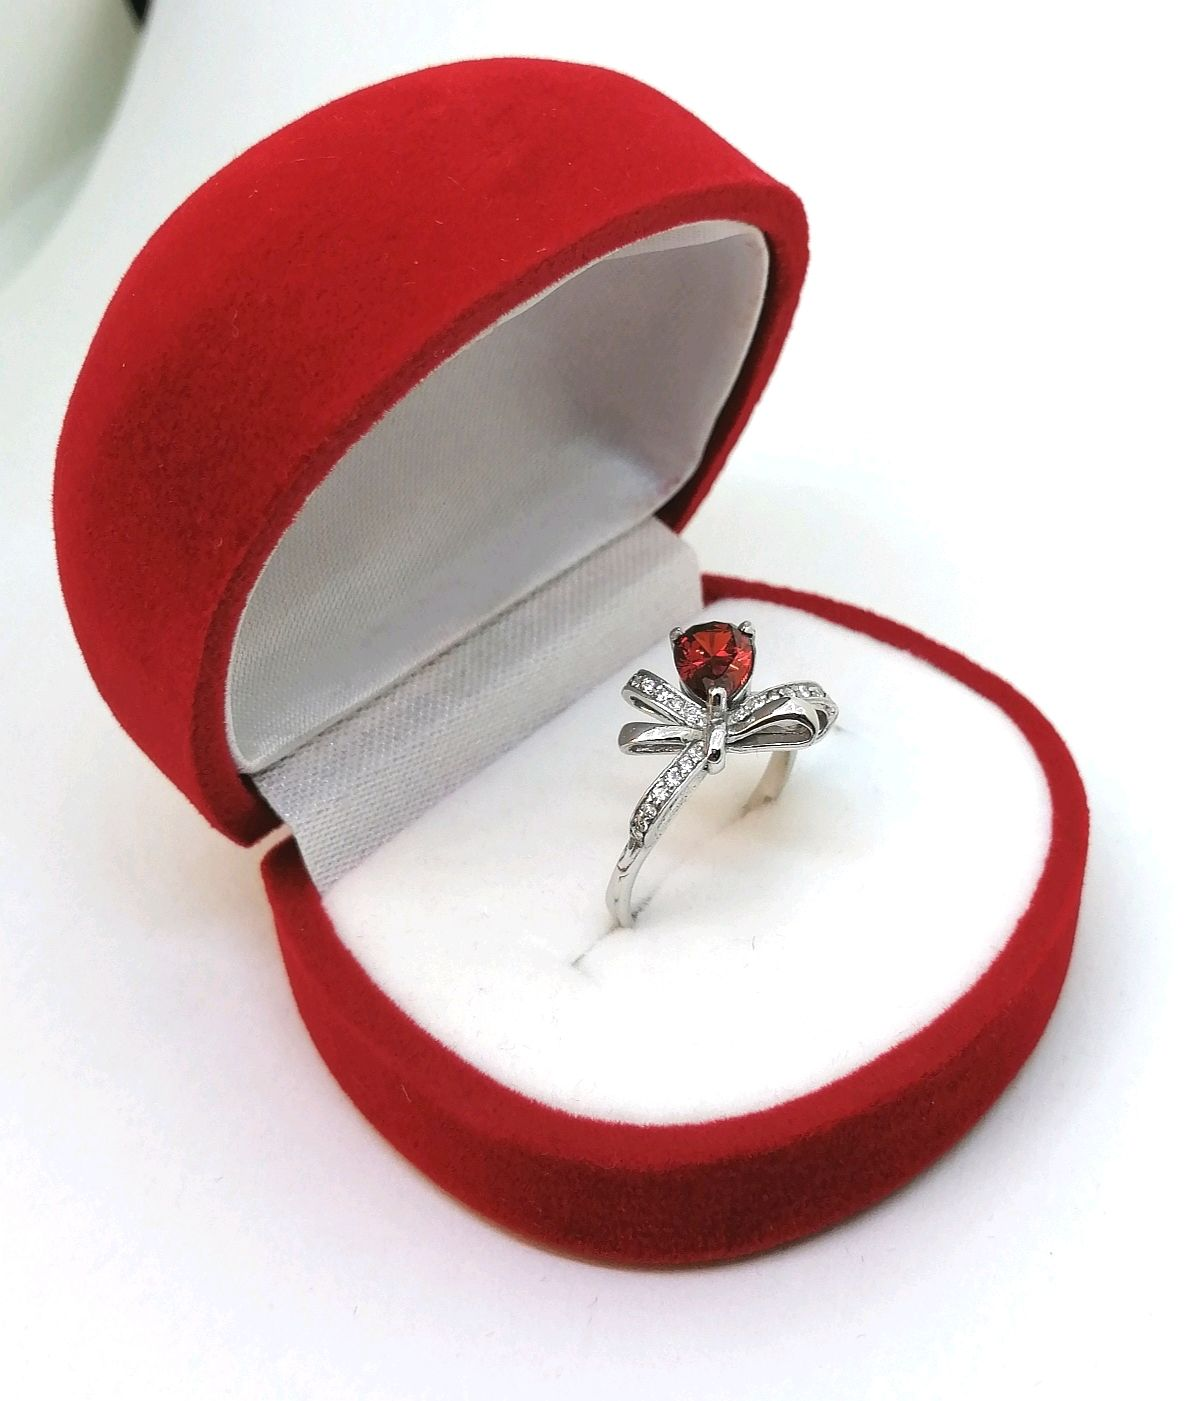 Кольцо серебряное красное ( серебро 925 пробы), Кольца, Симферополь,  Фото №1